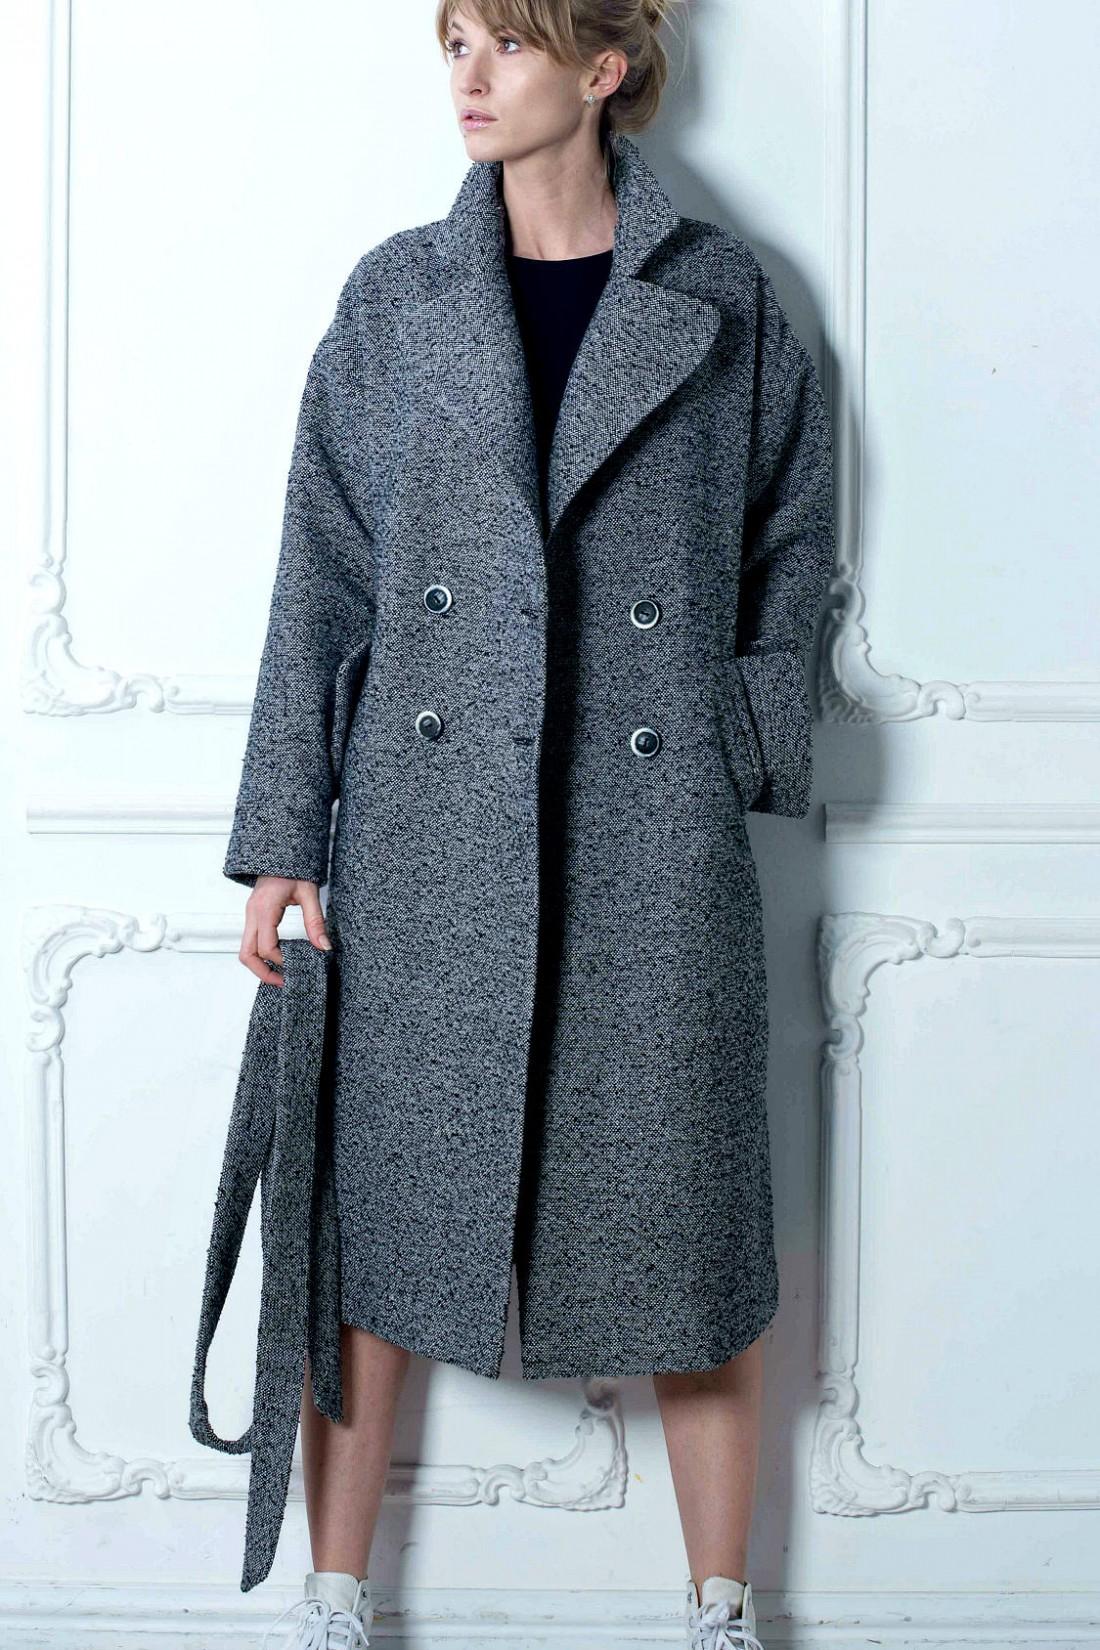 Для весны твидовое пальто самое оно